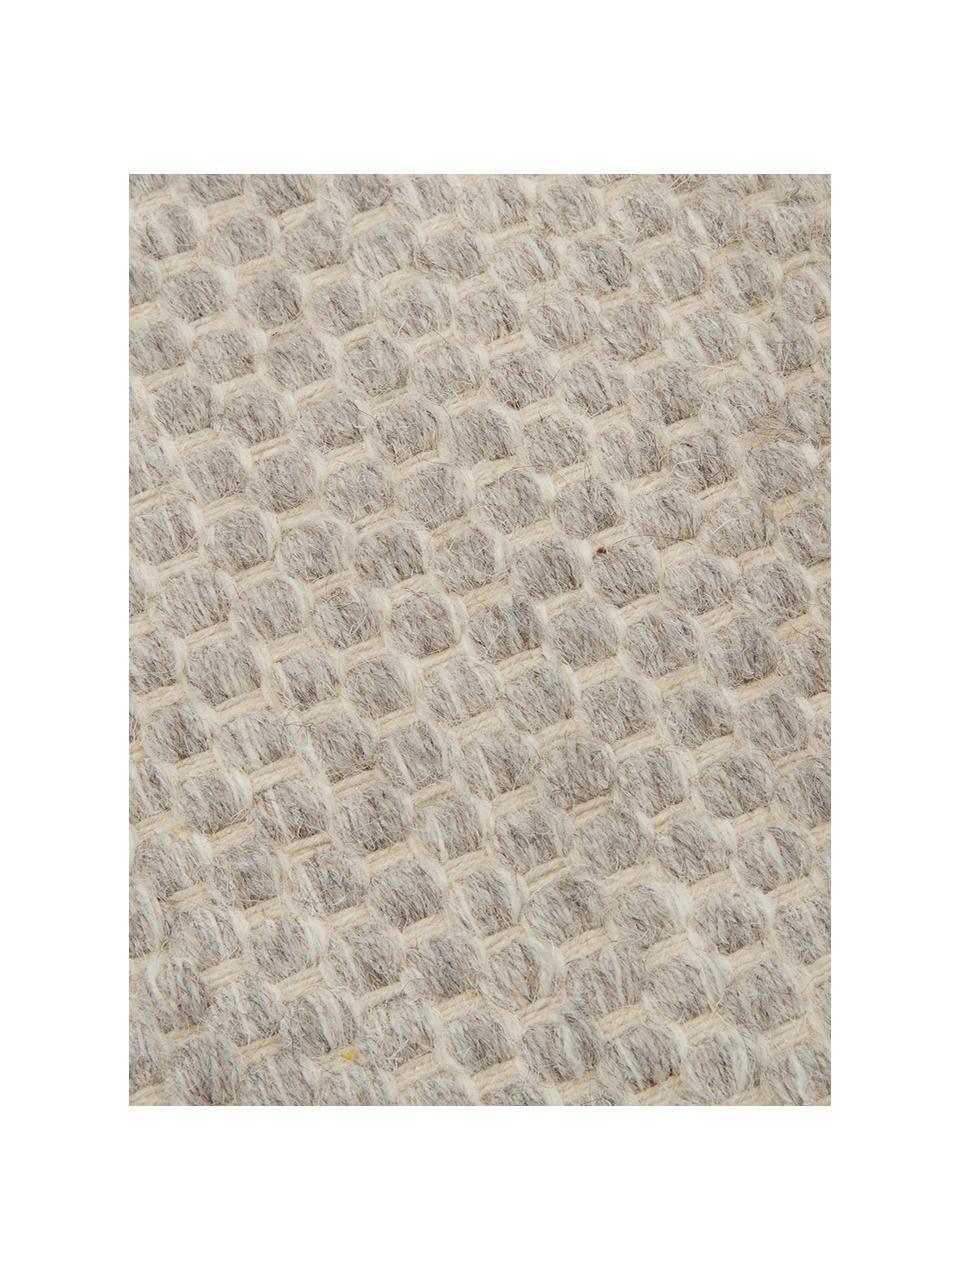 Ręcznie tkany dywan kilim z wełny Delight, 90% wełna, 10% bawełna Włókna dywanów wełnianych mogą nieznacznie rozluźniać się w pierwszych tygodniach użytkowania, co ustępuje po pewnym czasie, Jasny szary, S 200 x D 300 cm (Rozmiar L)